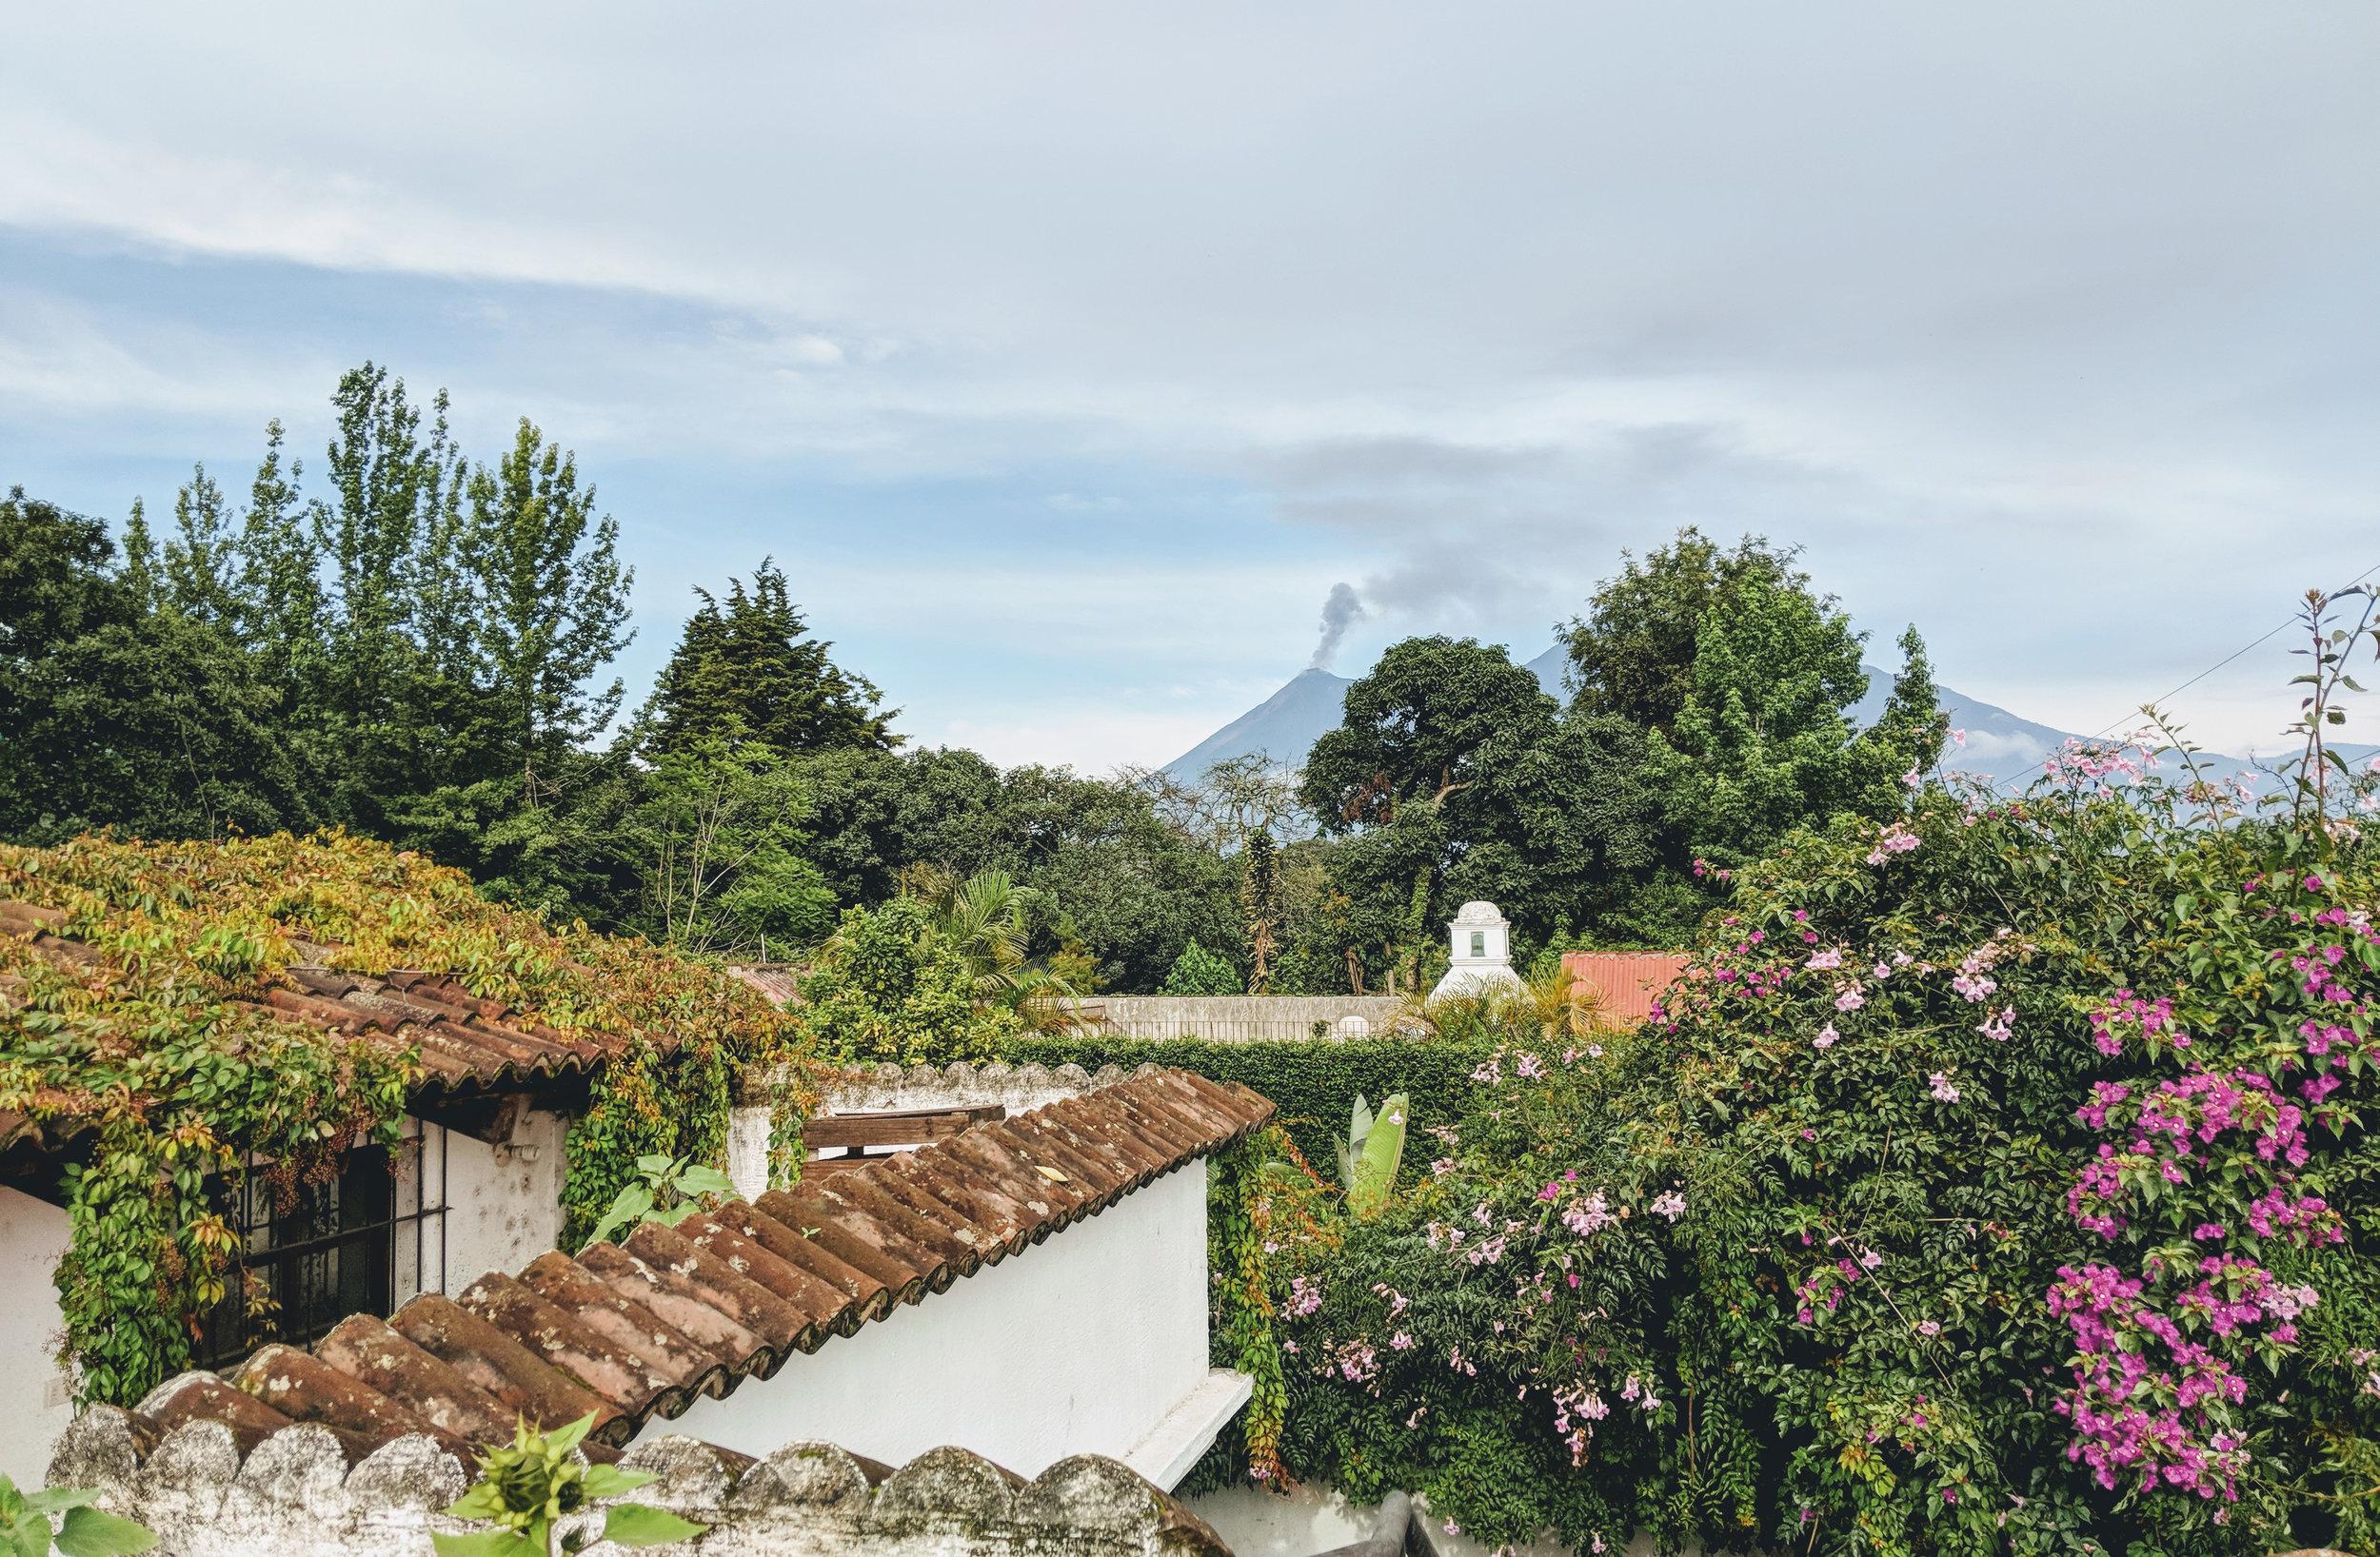 (1) Volcán de Fuego visto desde San Pedro, Sacatepequez (2018) ©Javiera Infante para LOFscapes.jpg